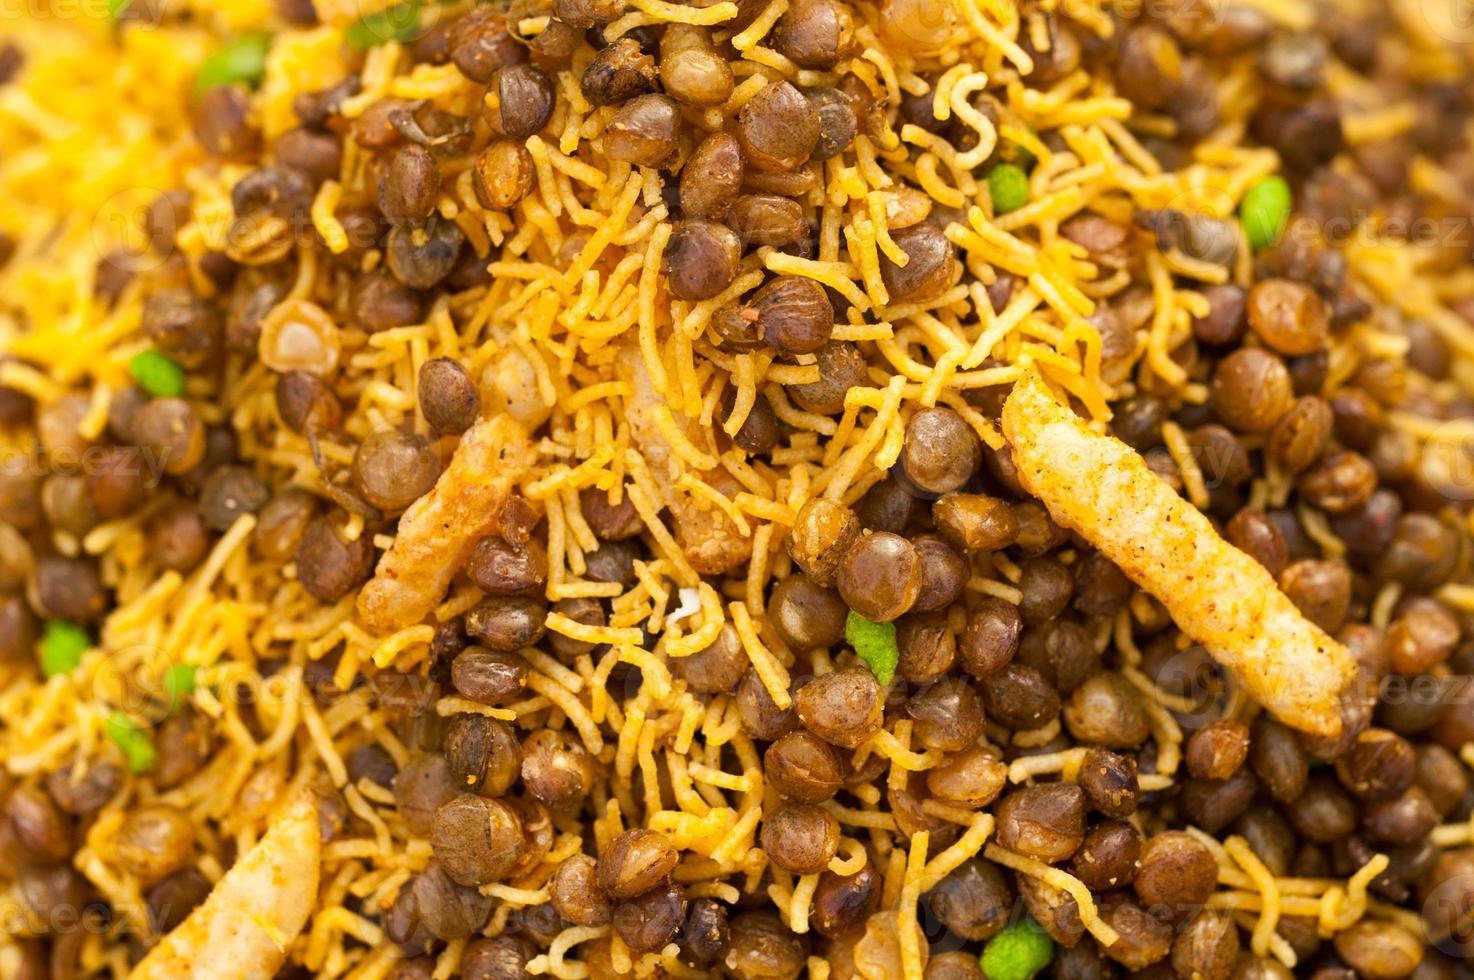 cereali indiani secchi assortiti foto